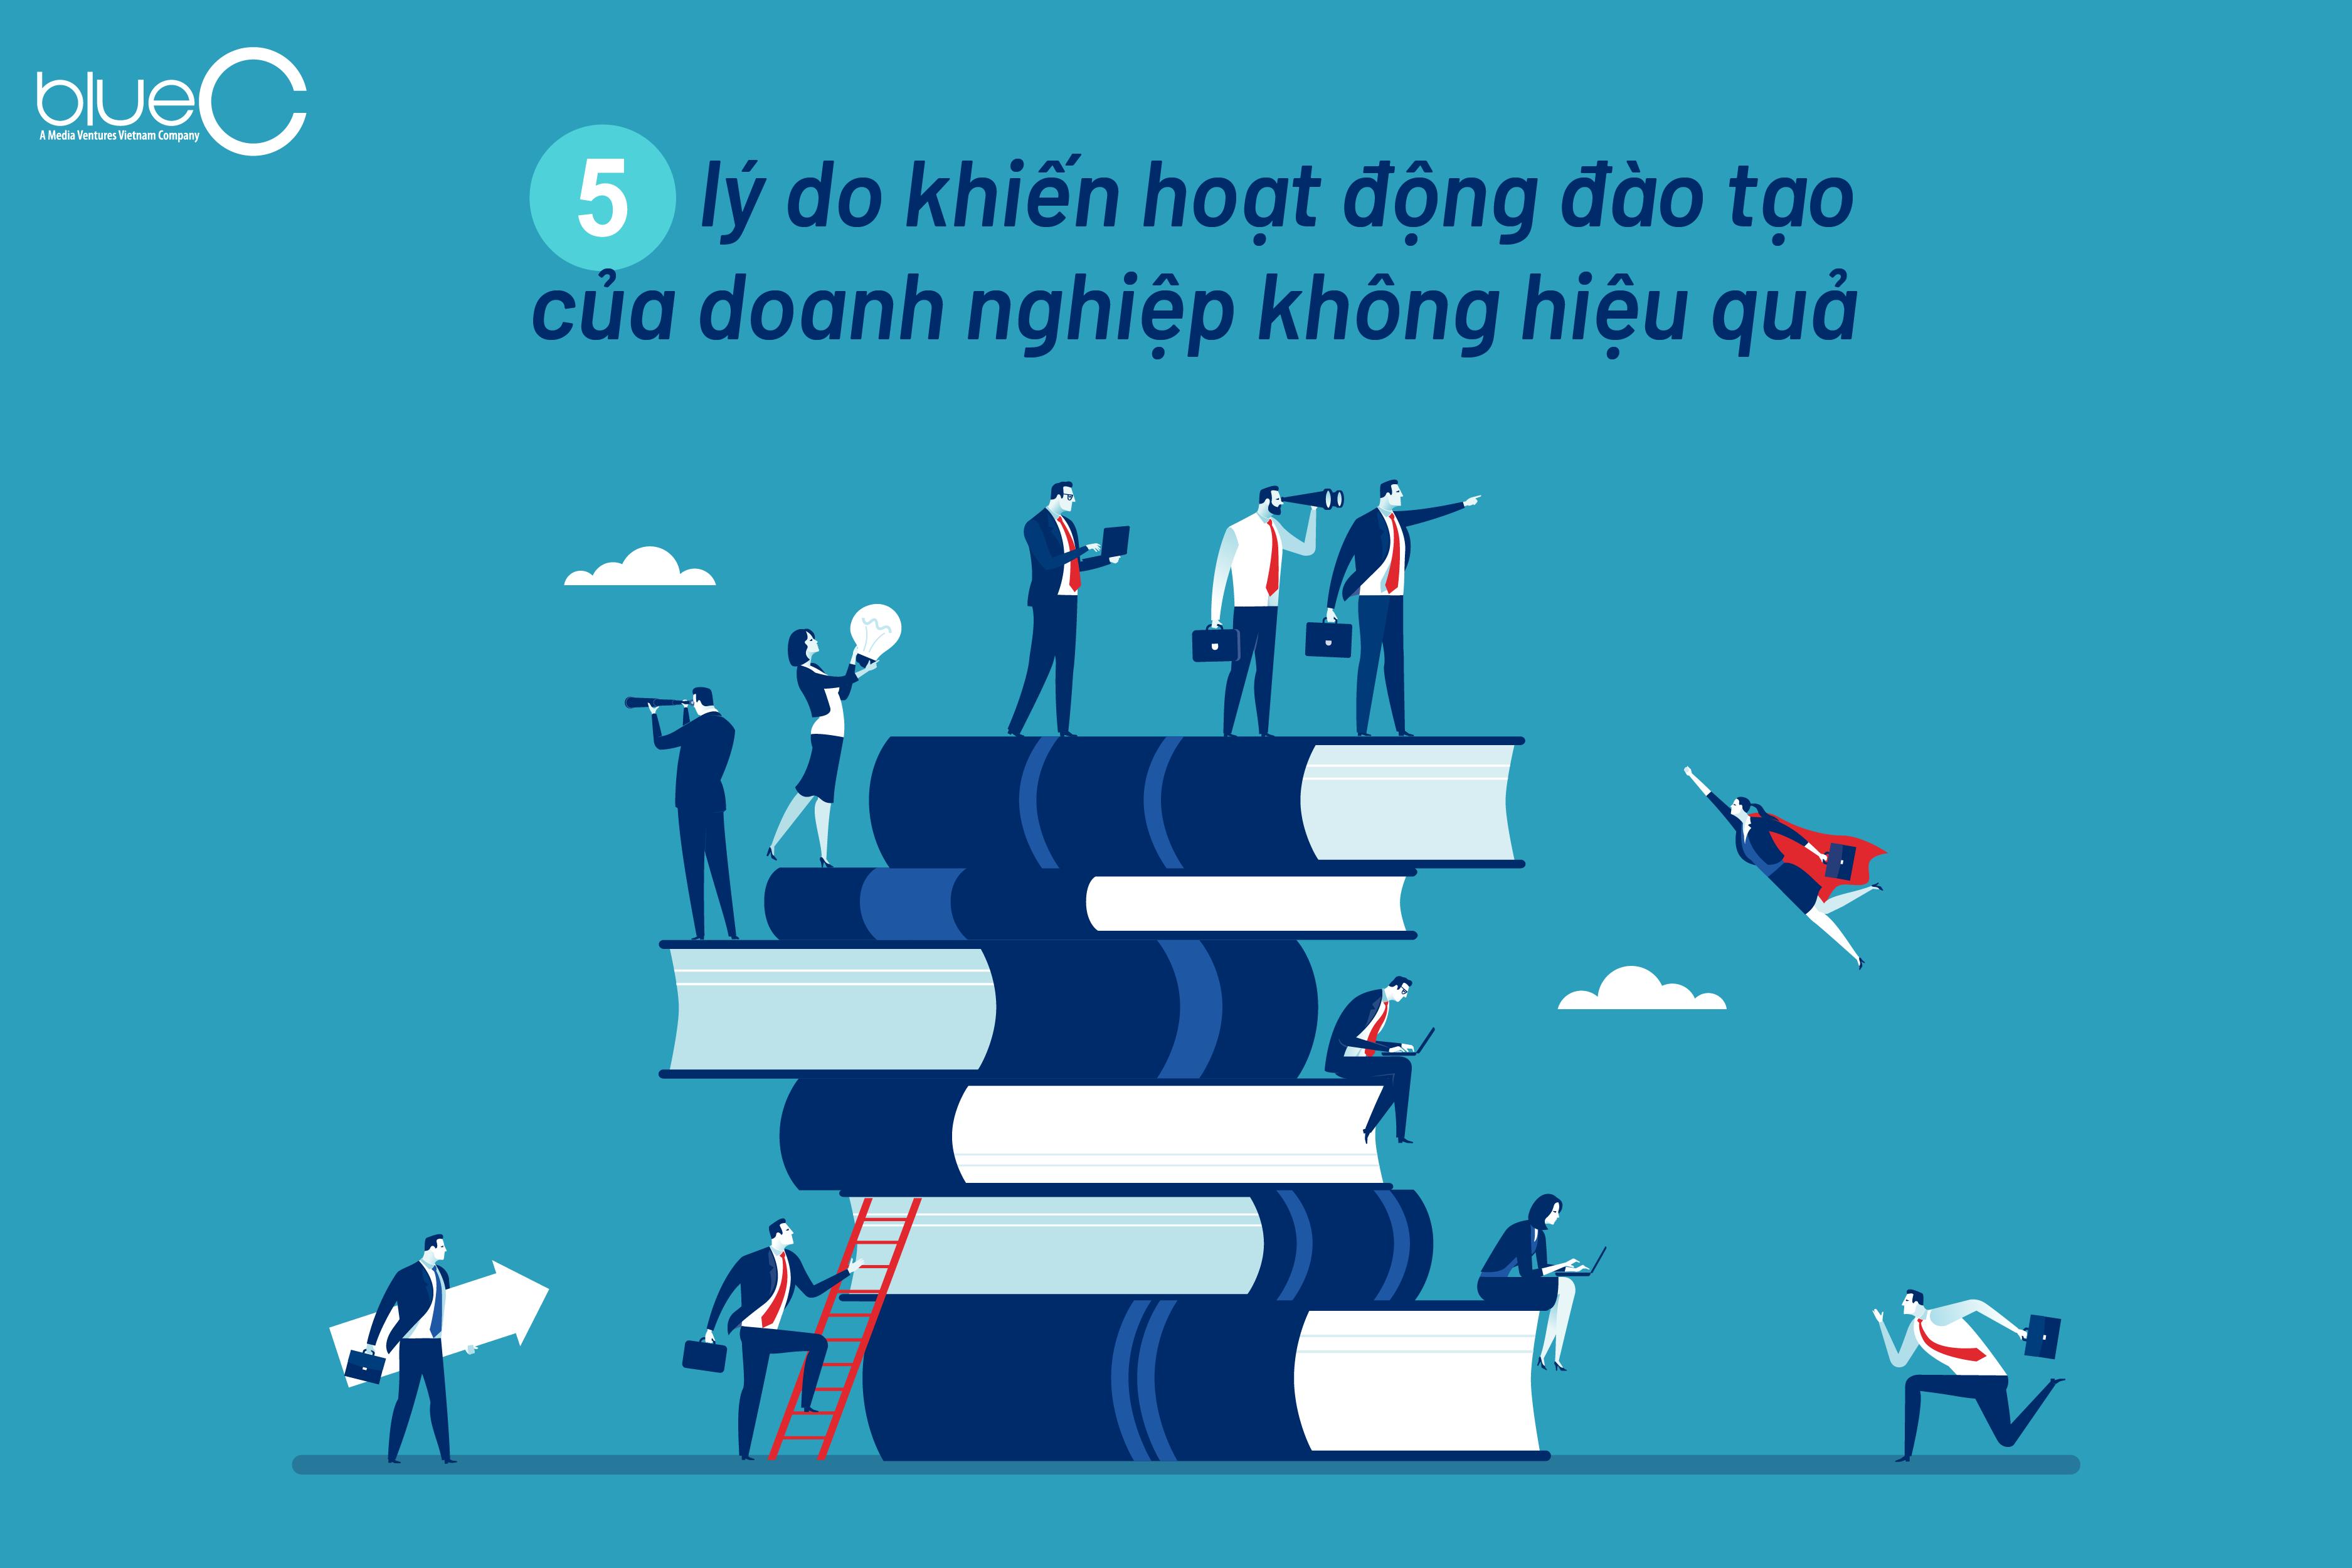 5 lý do khiến hoạt động đào tạo của doanh nghiệp không hiệu quả